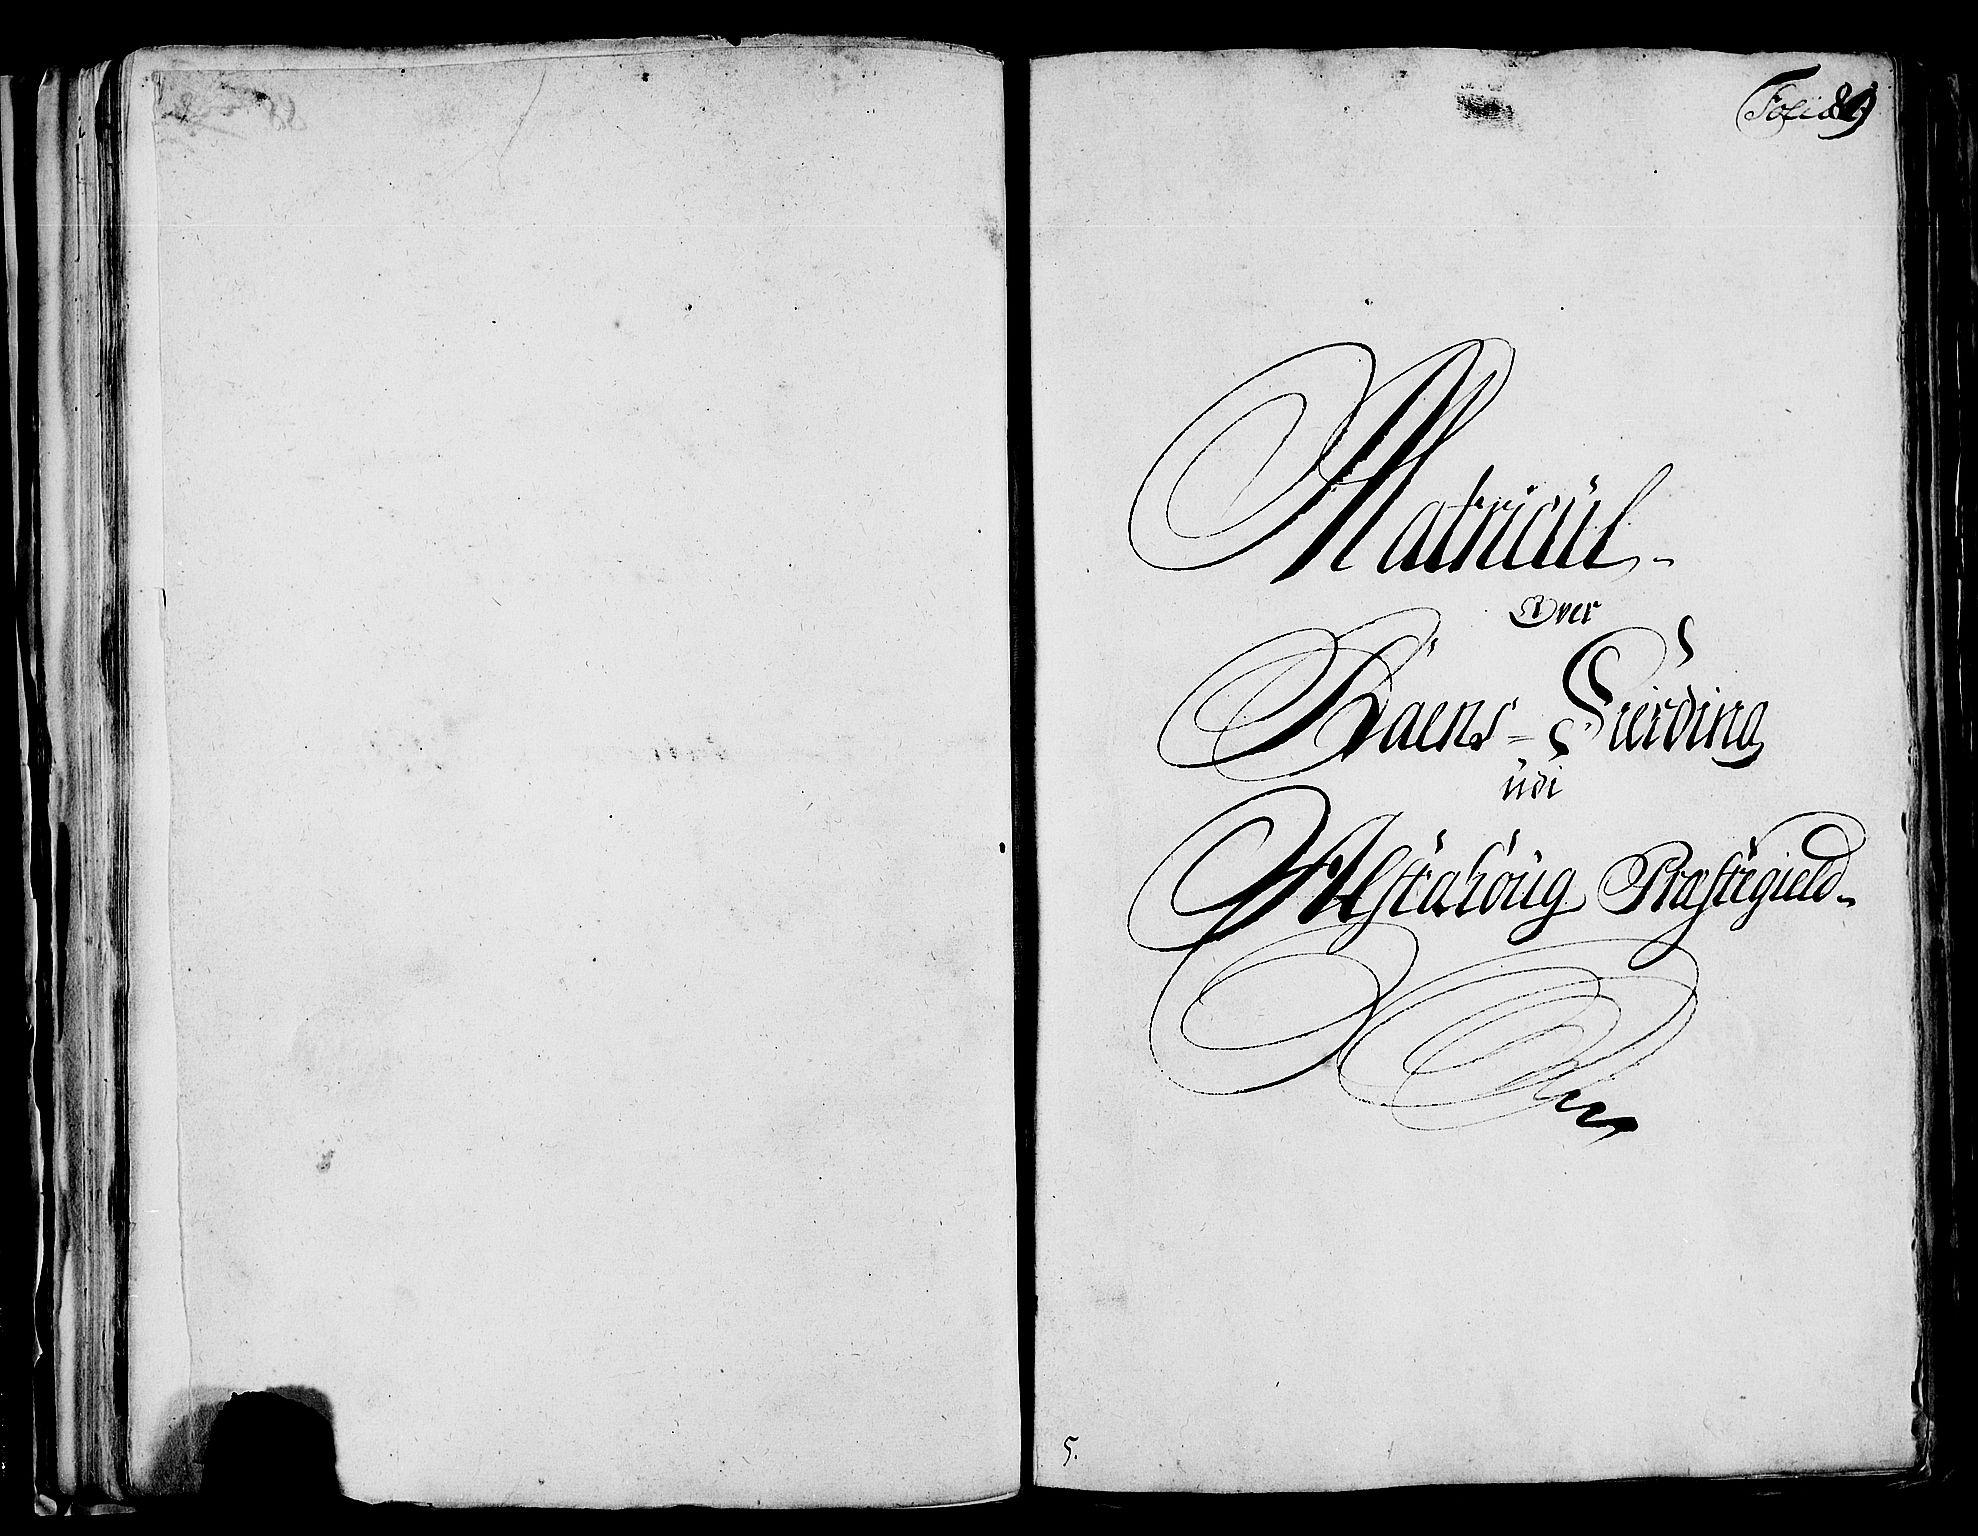 RA, Rentekammeret inntil 1814, Realistisk ordnet avdeling, N/Nb/Nbf/L0171: Helgeland matrikkelprotokoll, 1723, s. 88b-89a